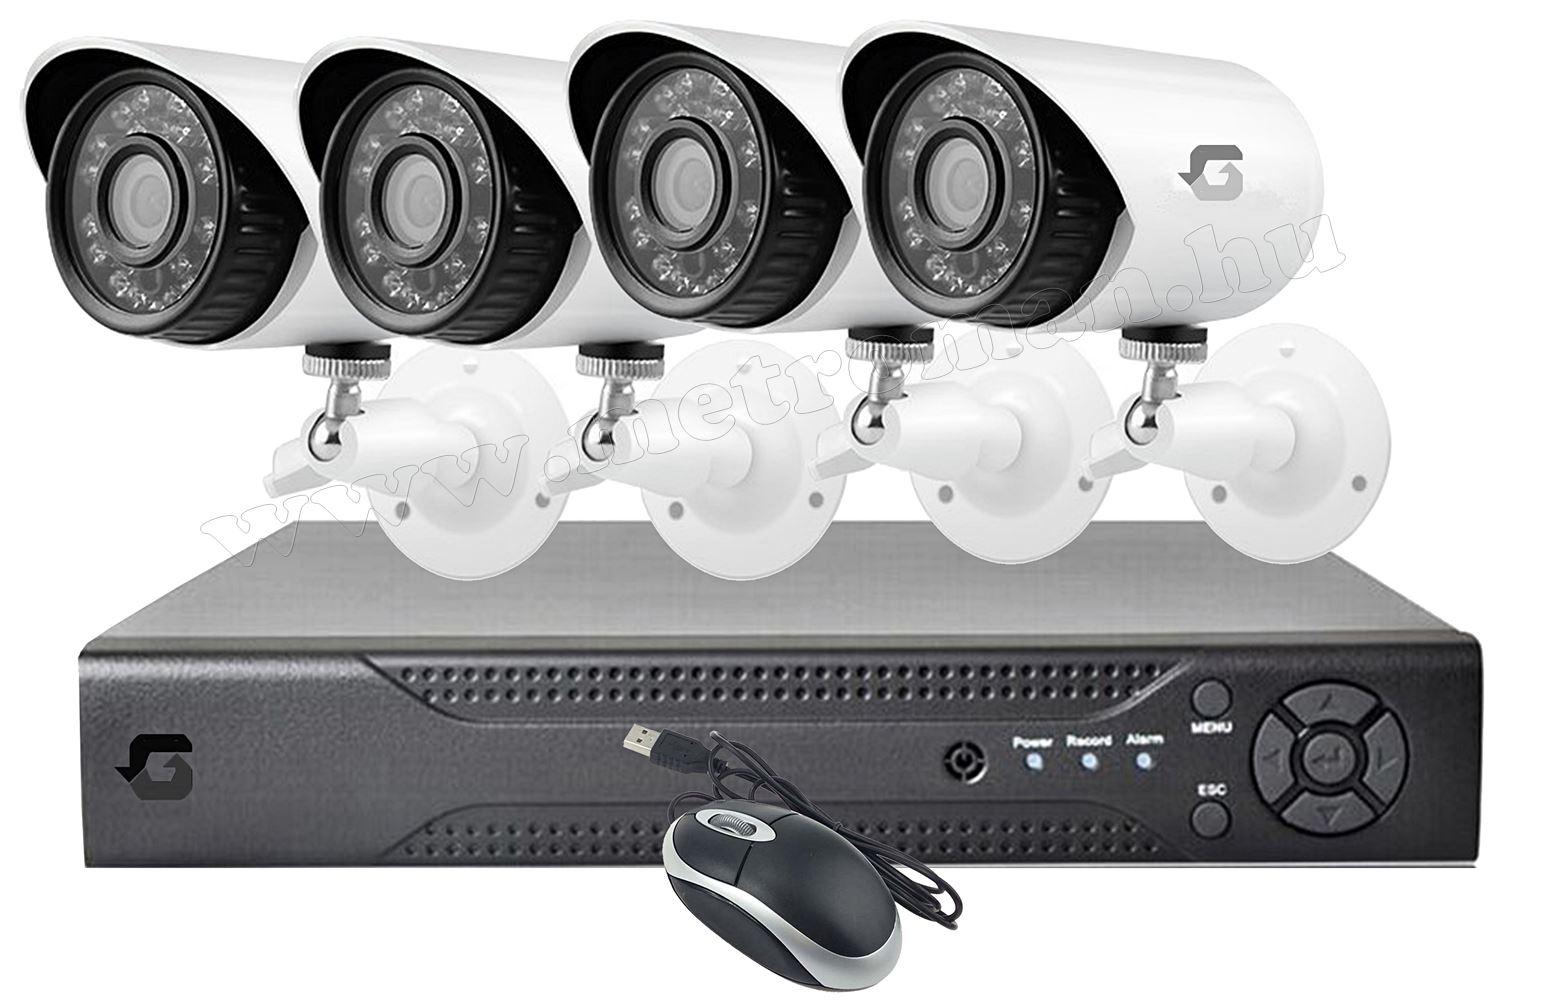 4 kamerás AHD DVR biztonsági megfigyelő kamera rendszer HD7004-C153